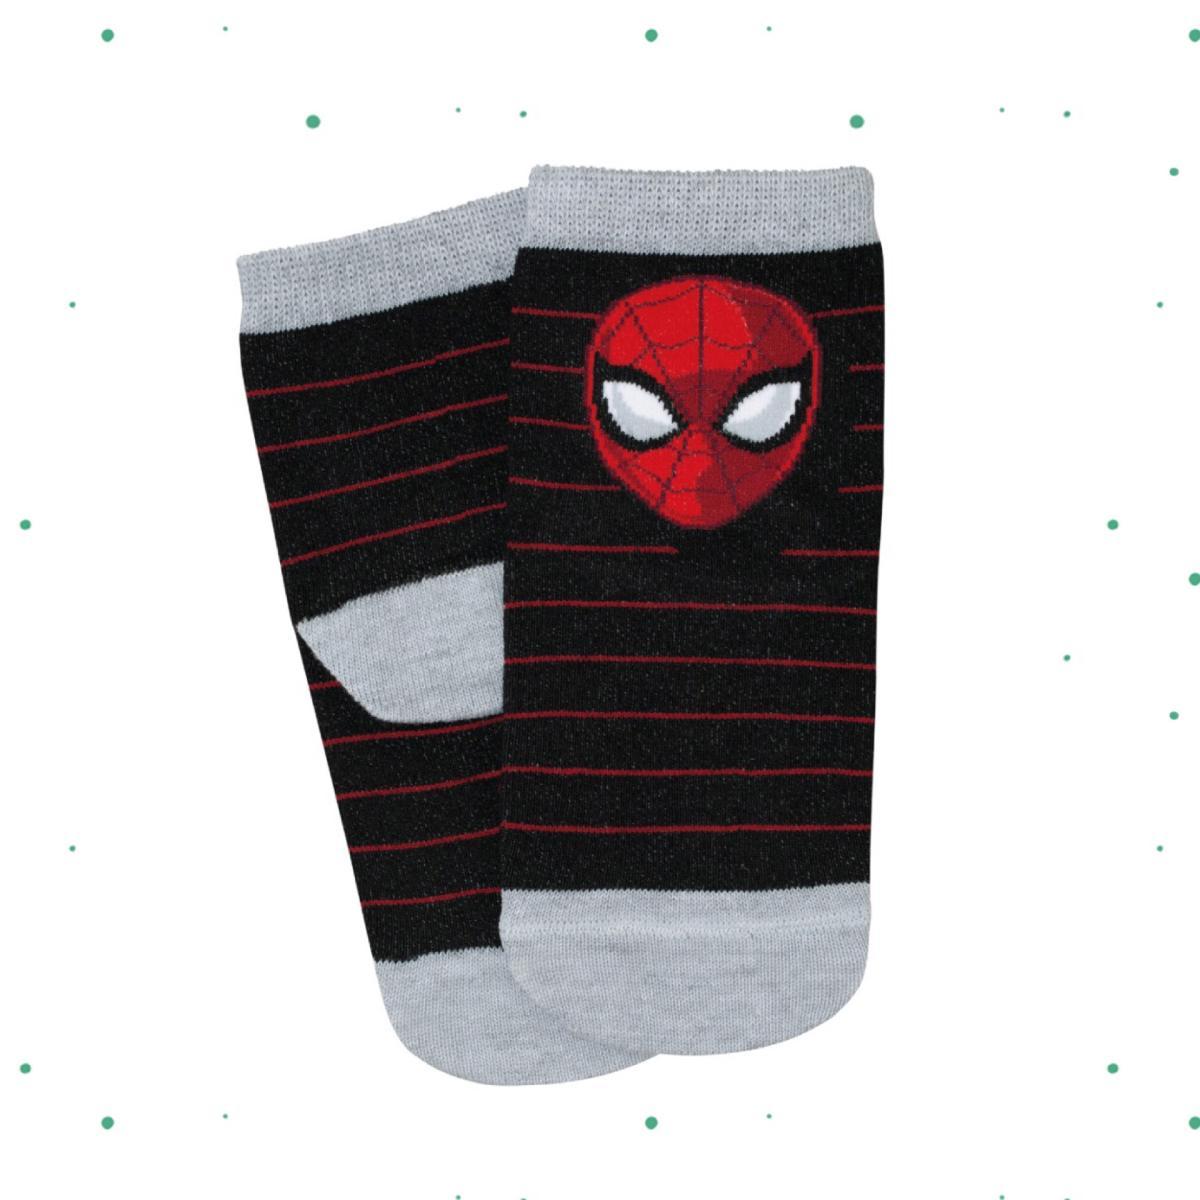 Meia Infantil Lupo Disney Spider Man cor Preta